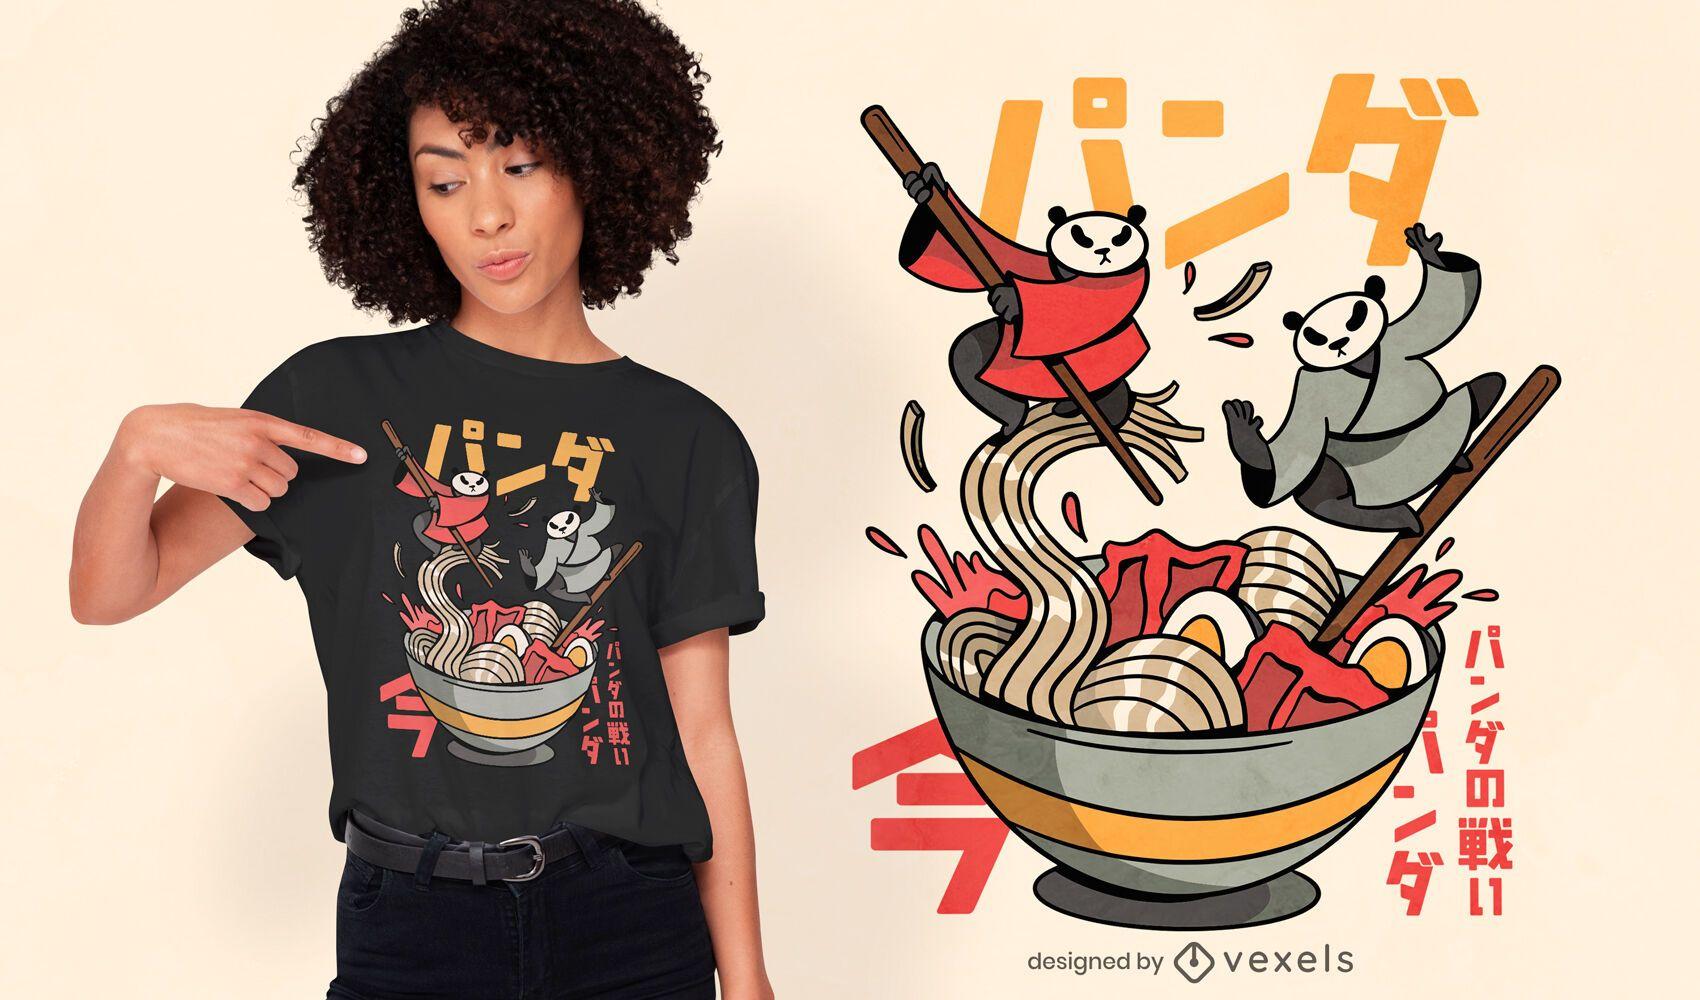 Pandas peleando en dise?o de camiseta ramen.